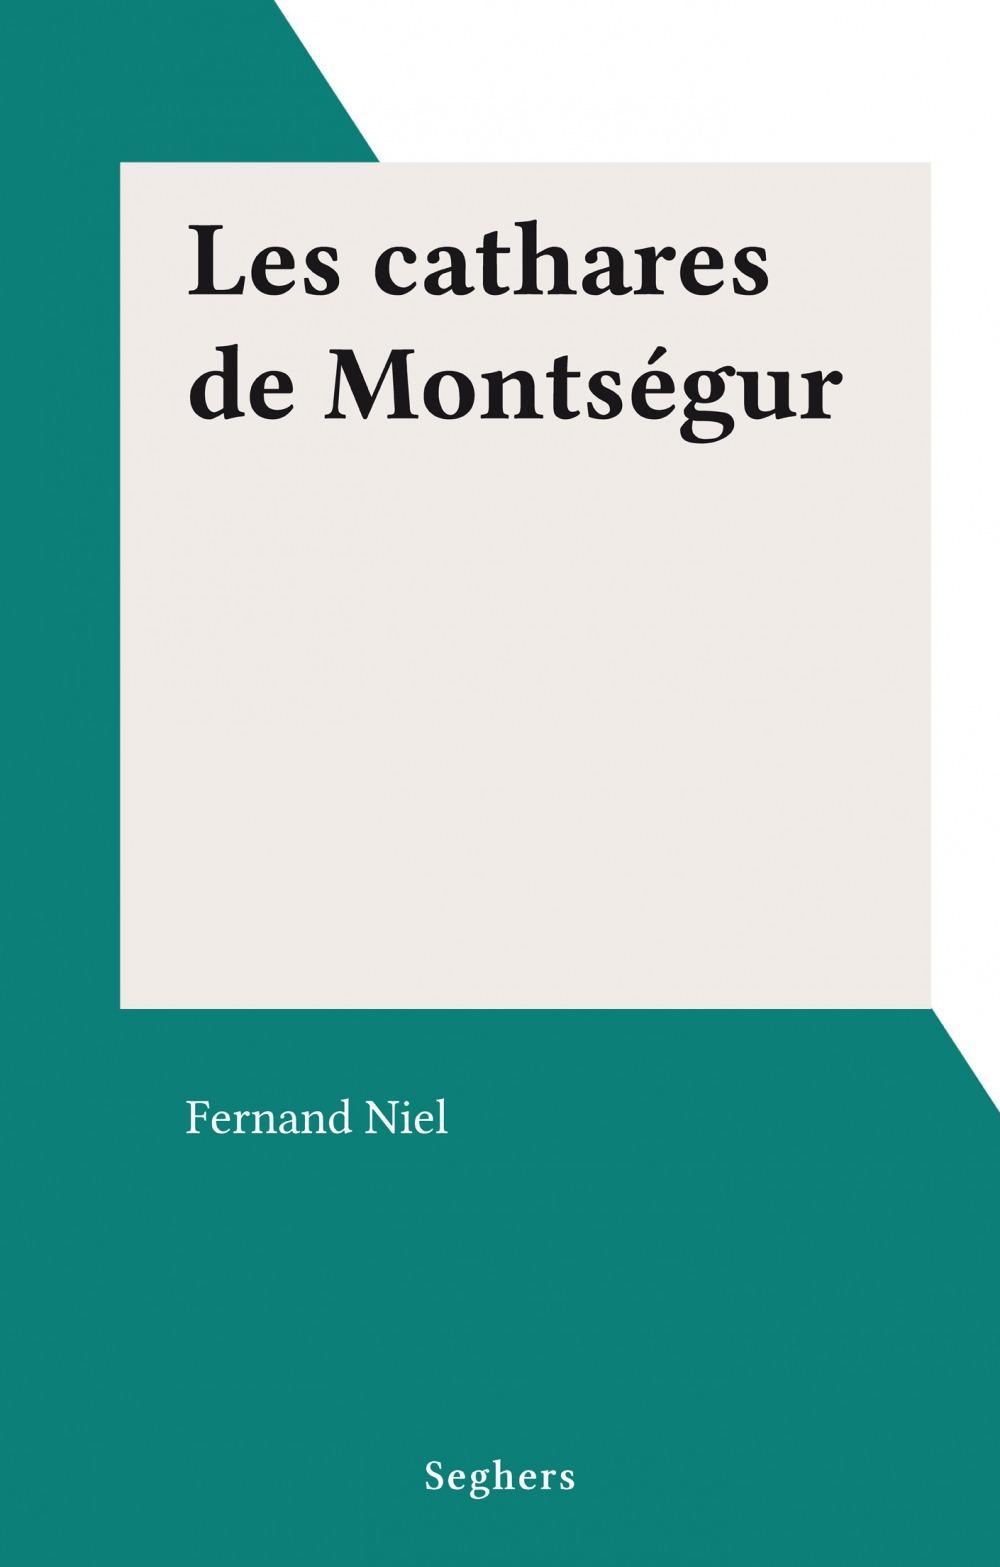 Les cathares de Montségur  - Fernand Niel